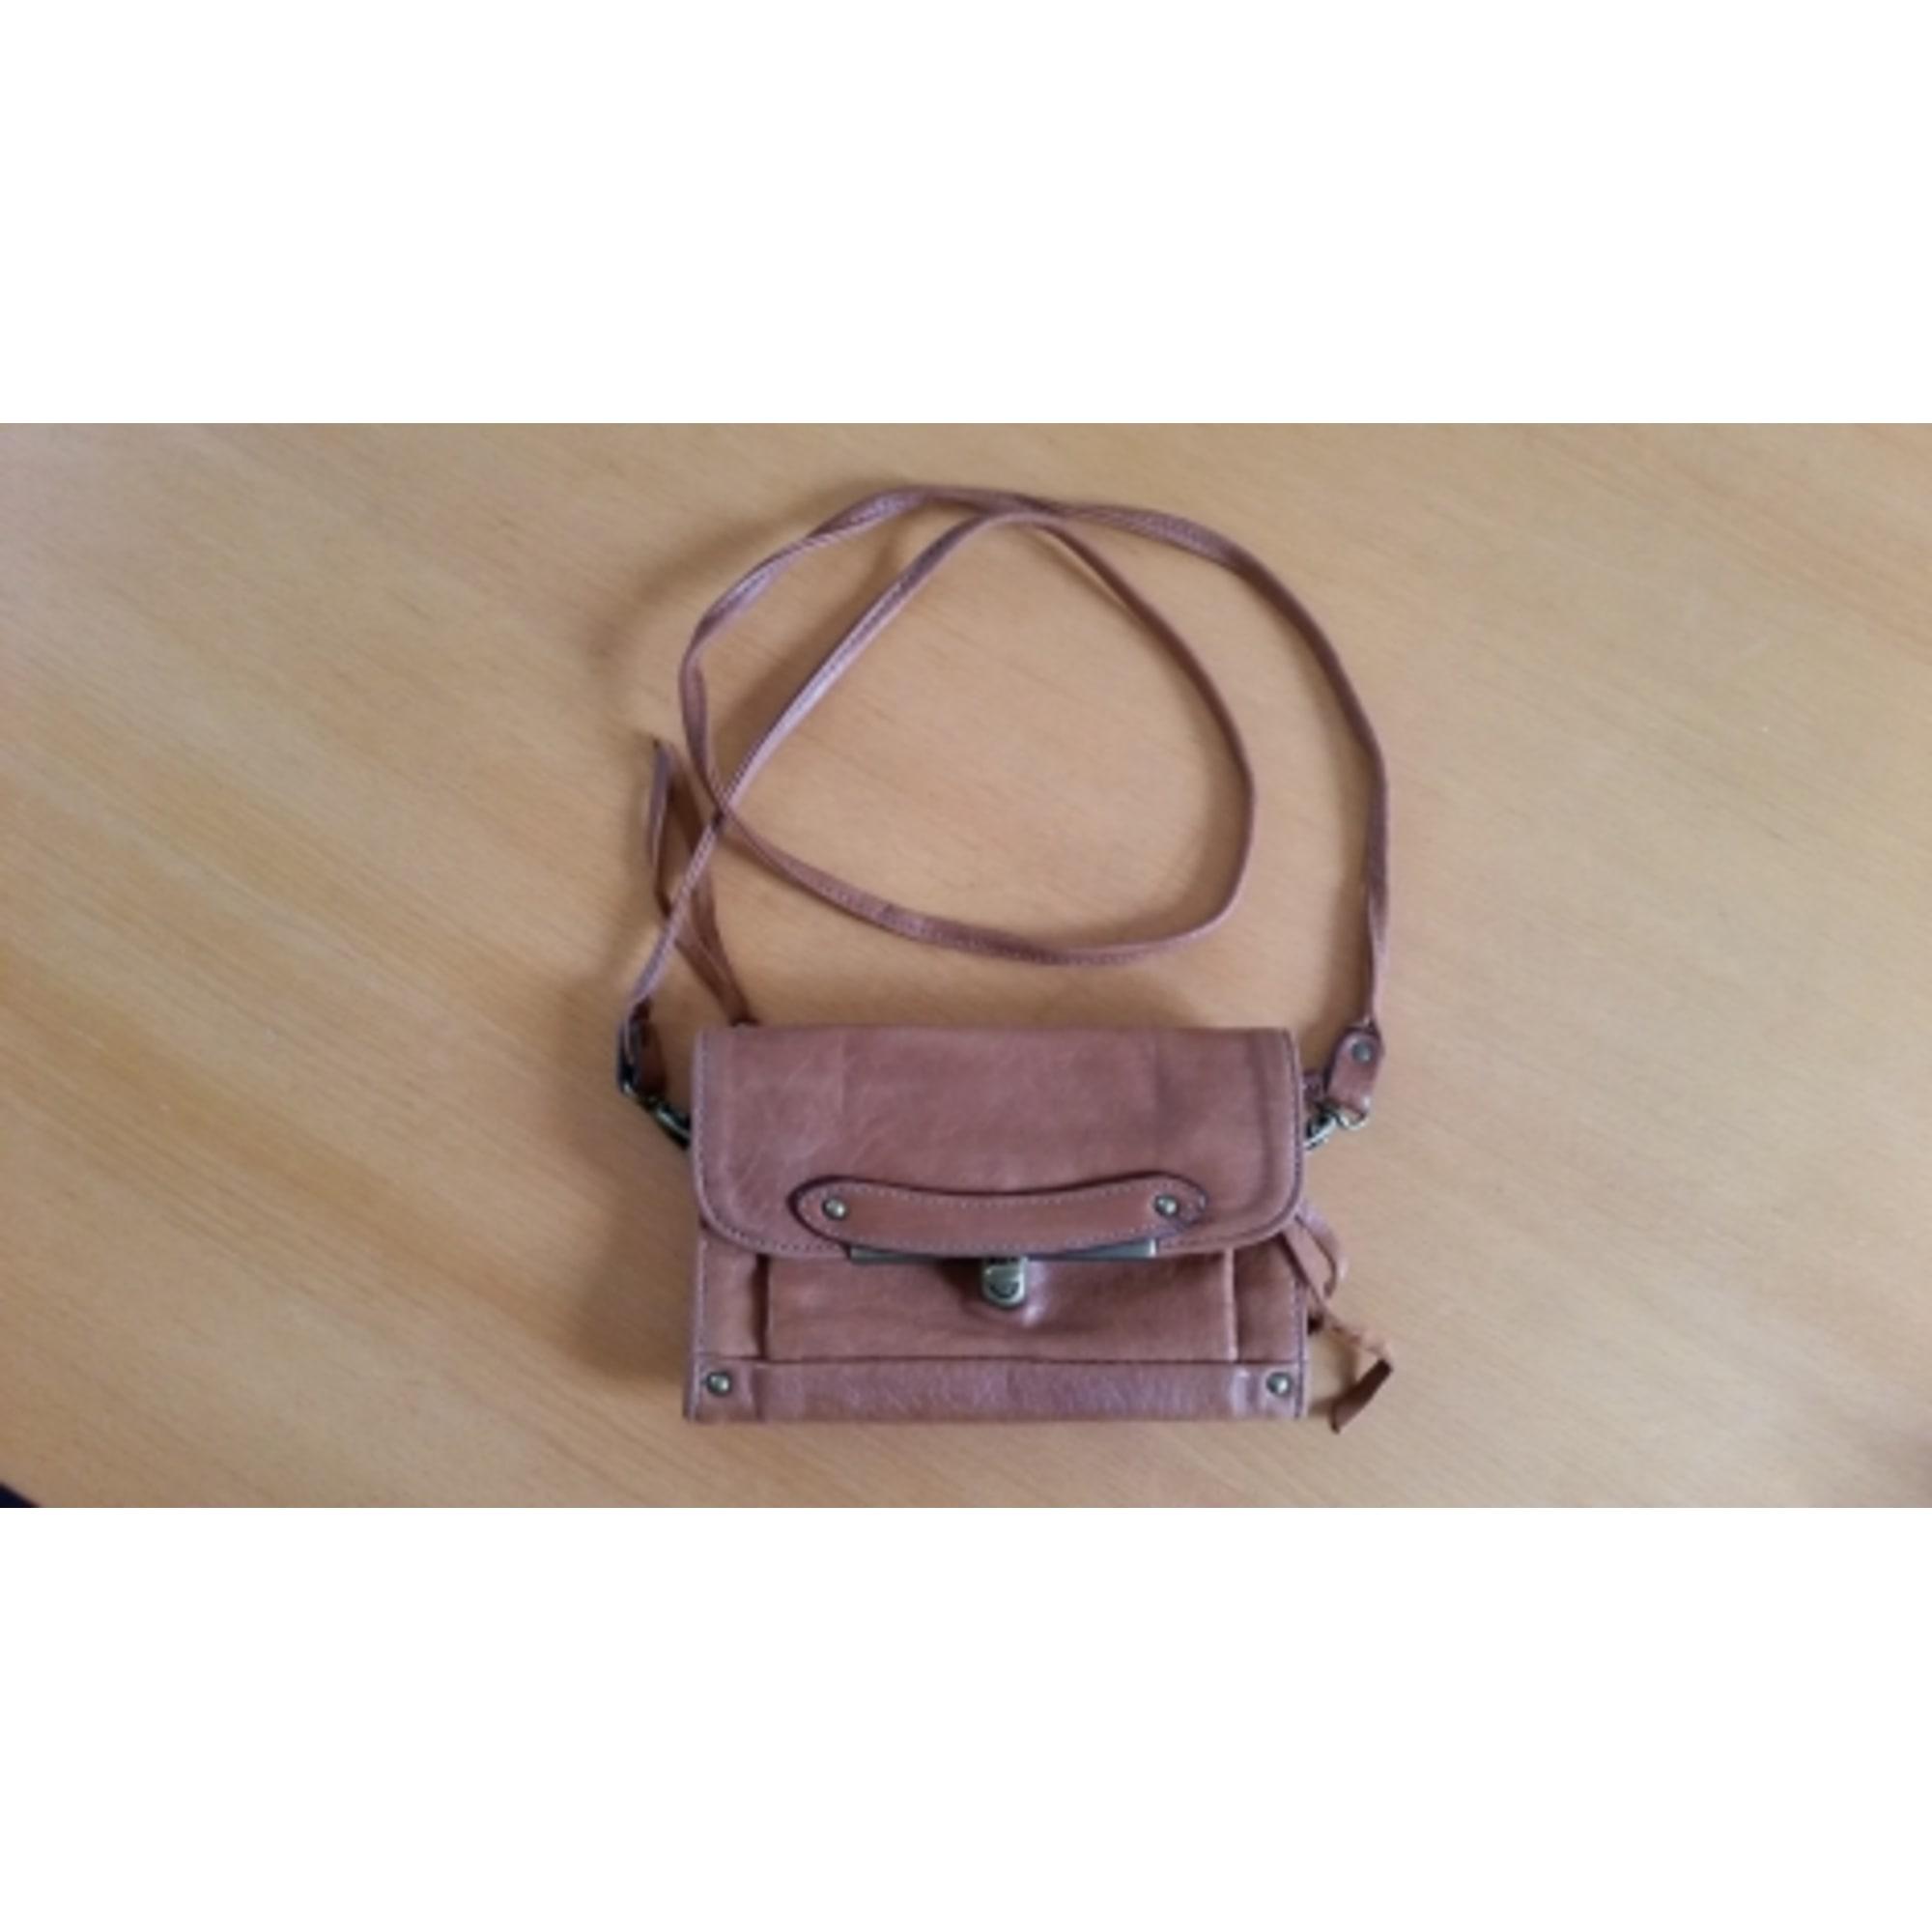 7b4364177c Sac pochette en cuir ABACO beige vendu par Lily763 - 4626806